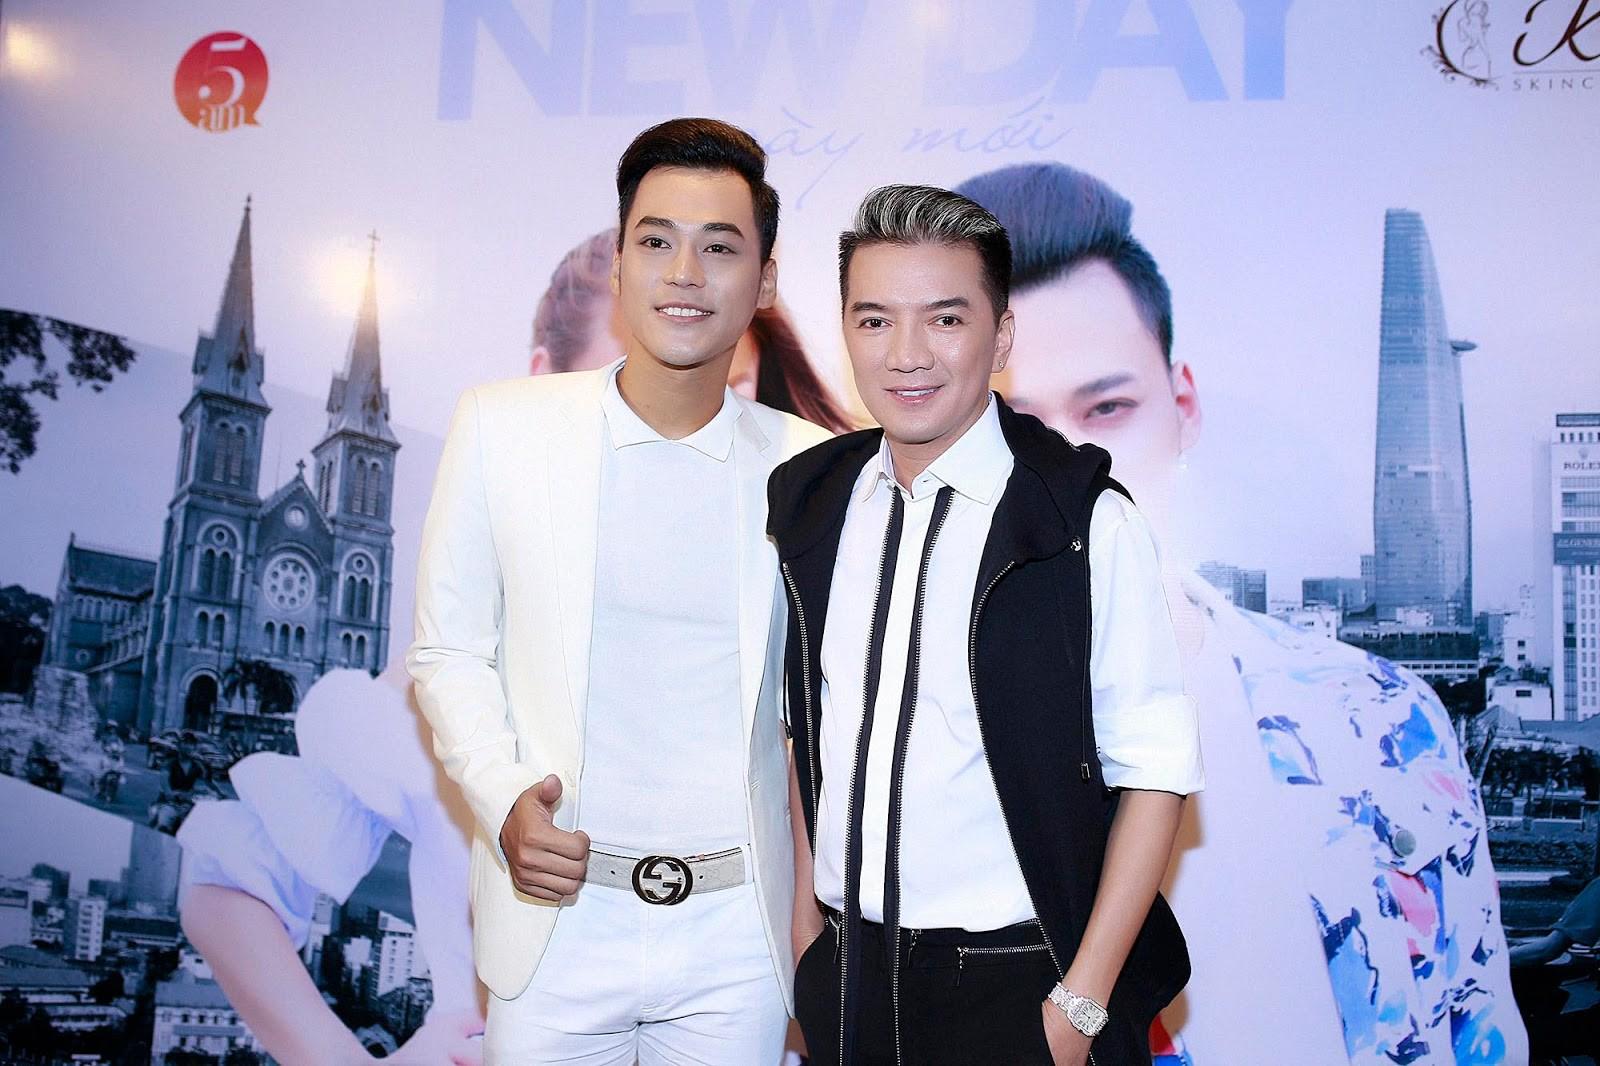 Đem chuyện tình yêu, tình dục để PR trong showbiz Việt: Những ngôi sao đi đường đó rồi sau vài ba tháng thấy họ còn ở đâu? - Ảnh 1.